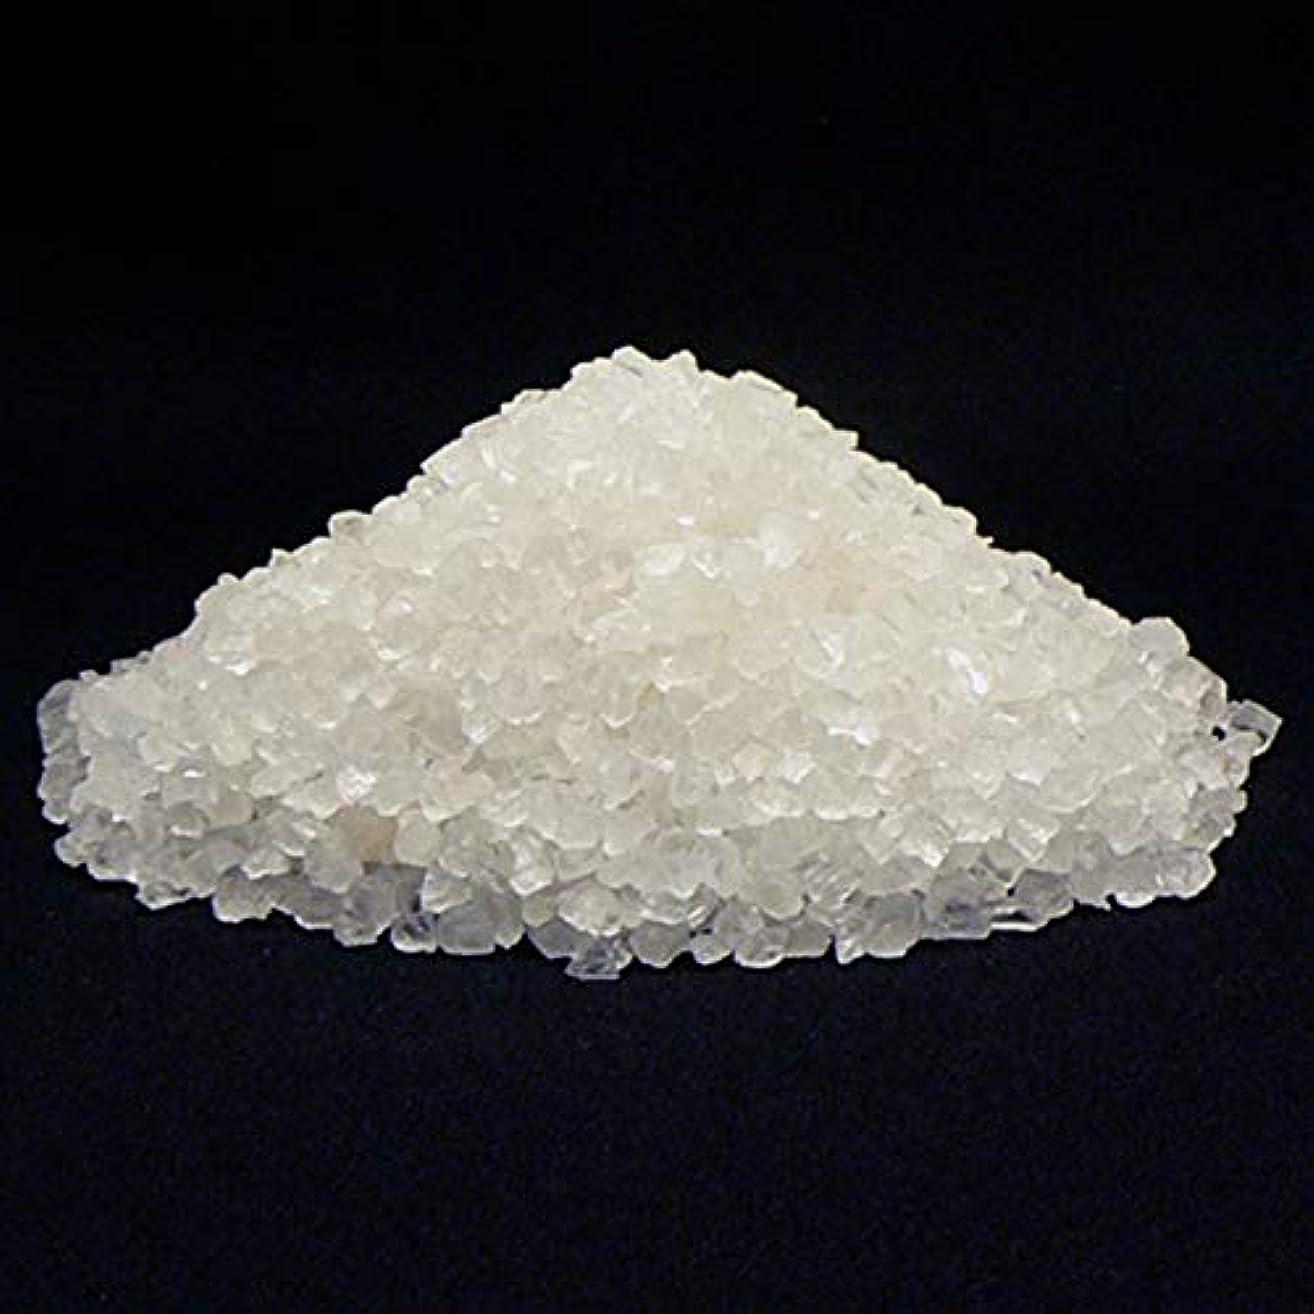 高潔なダイヤモンドきょうだいヒマラヤ岩塩 クリスタルソルト 入浴用 バスソルト(小粒)クリスタル岩塩 白岩塩 (2kg+300g増量)